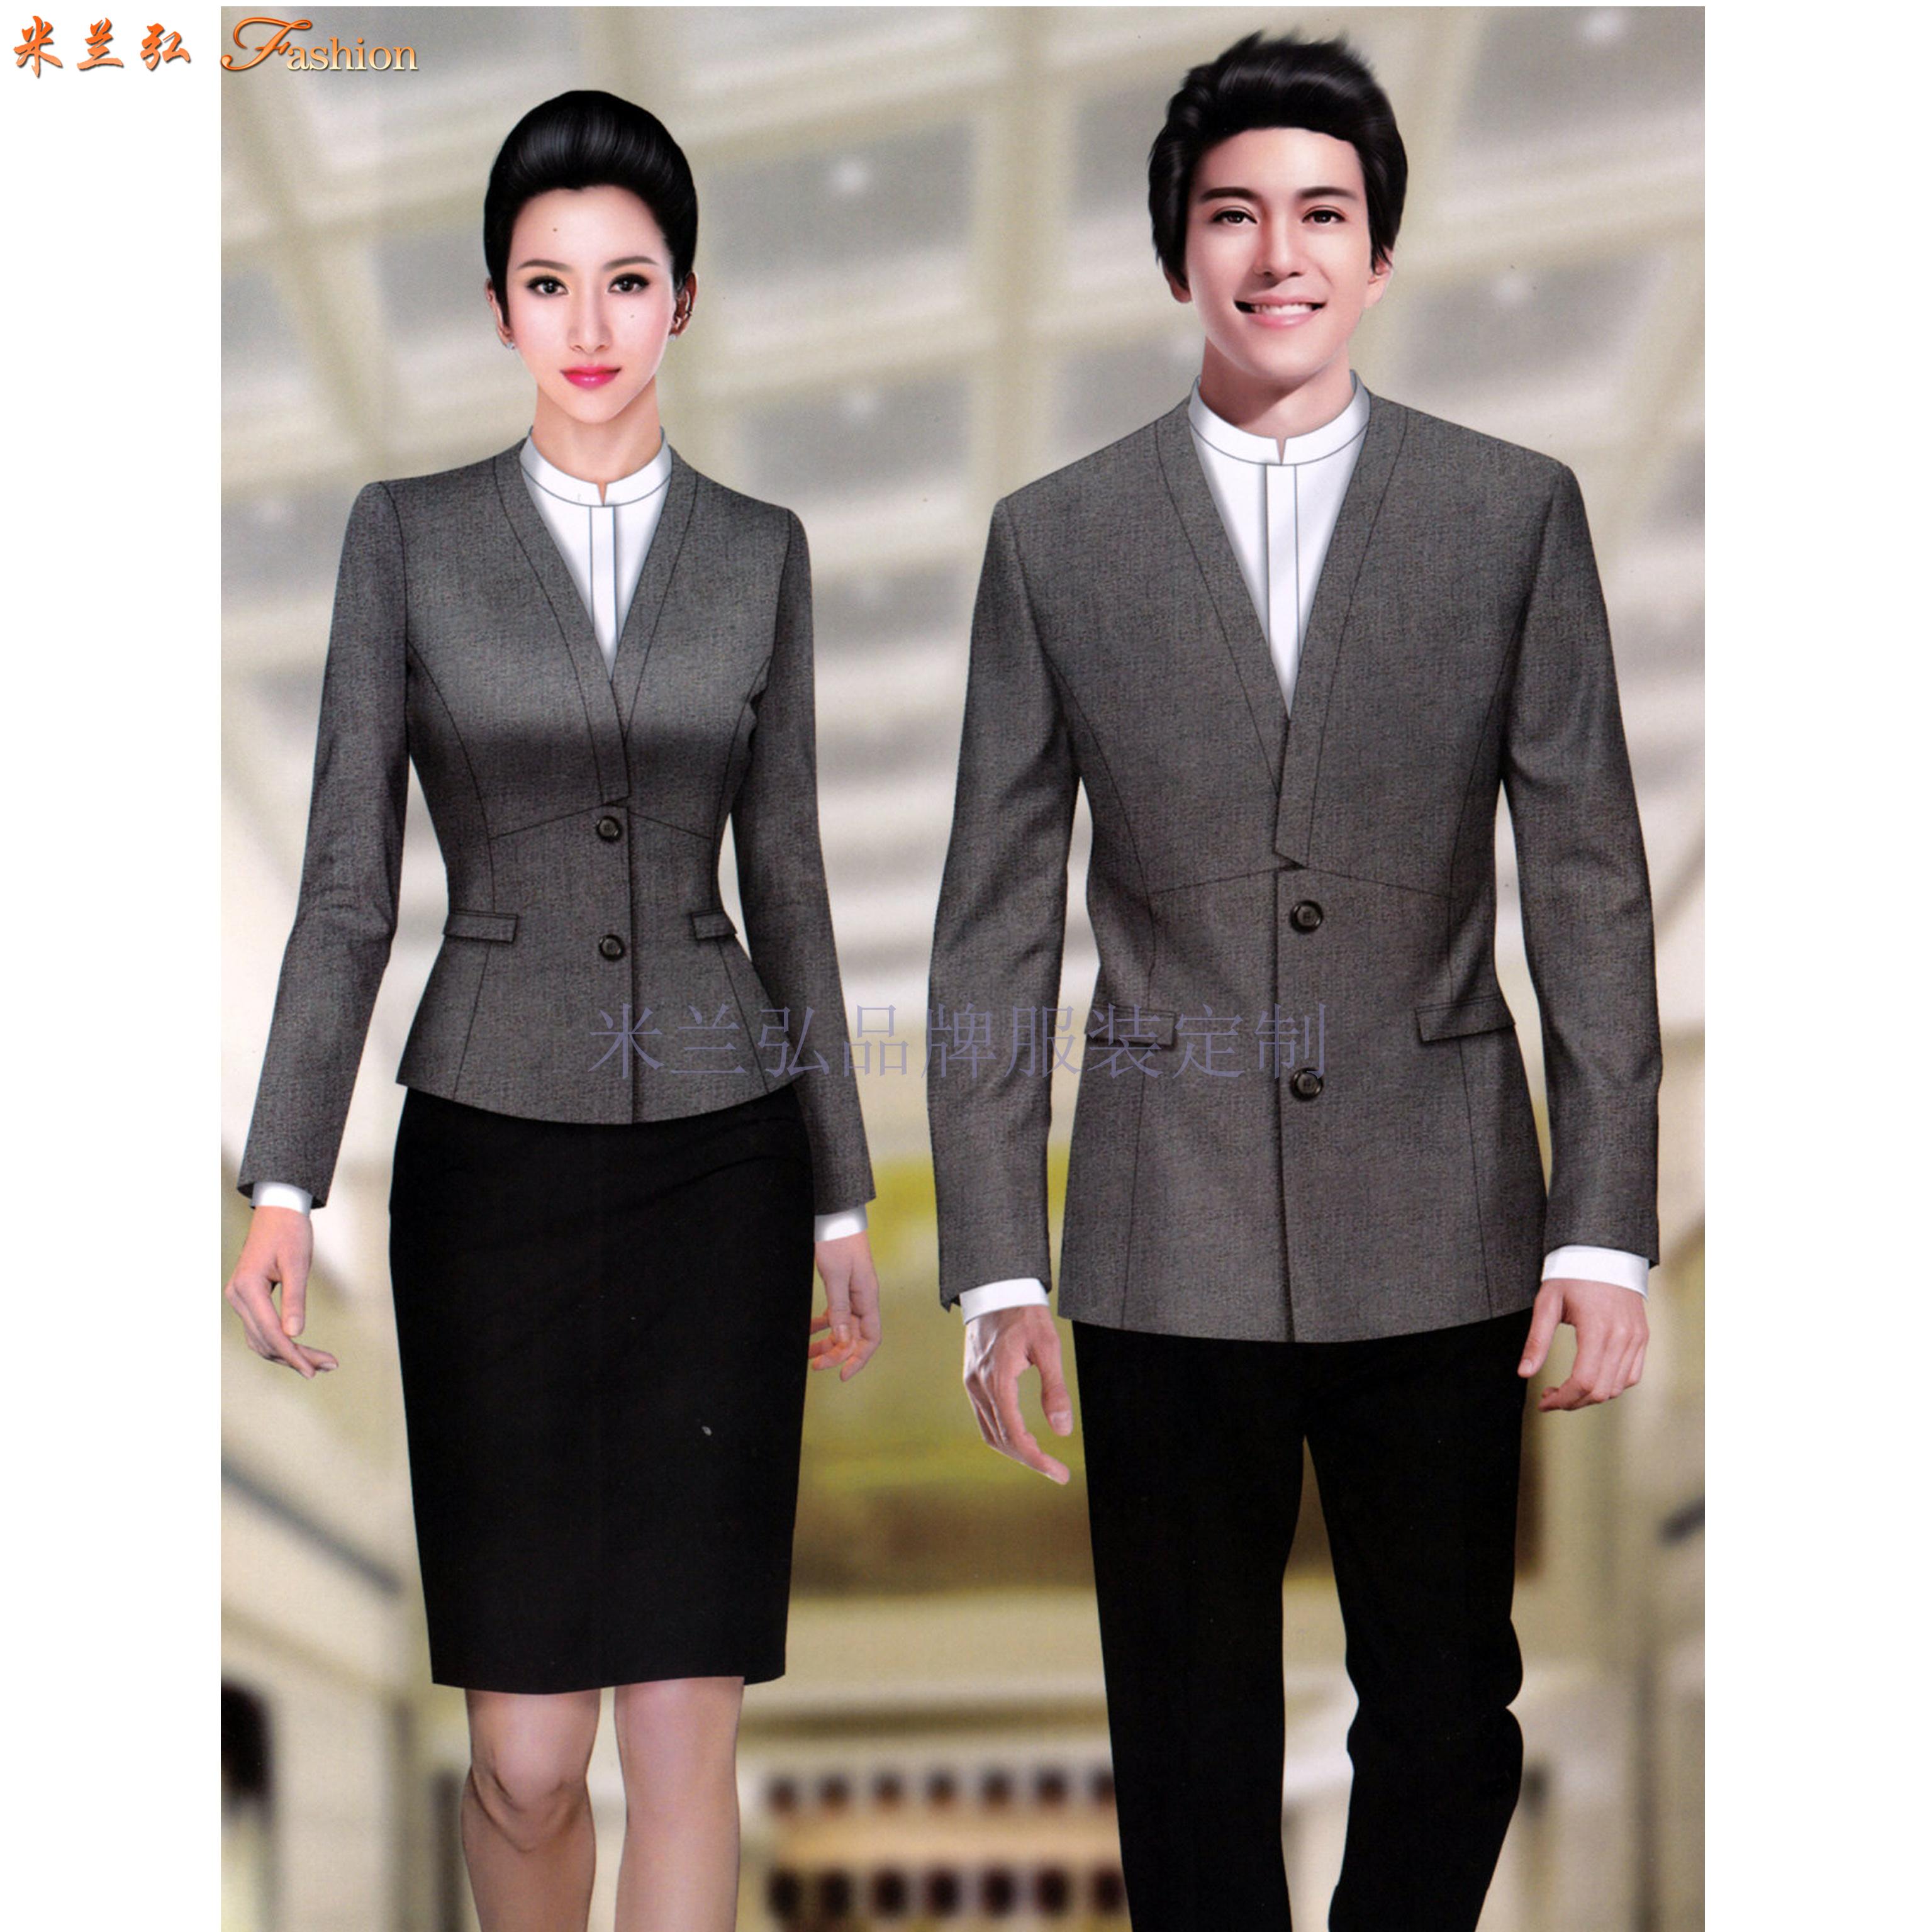 -張家口酒店服裝定做-式樣時髦價廉物美服裝廠家-米蘭弘服裝-5